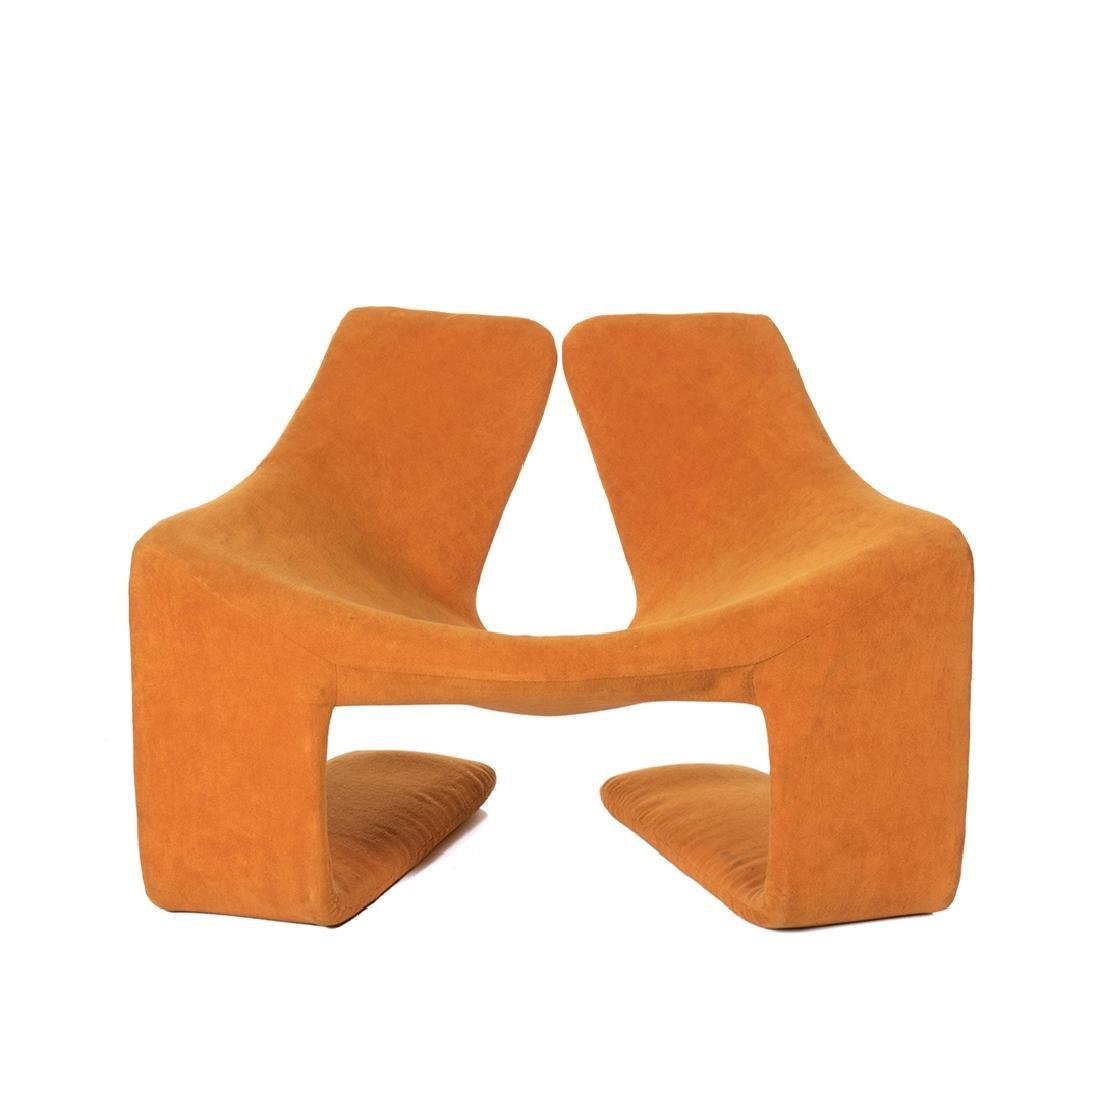 Kwok Hoi Chan Zen Chair